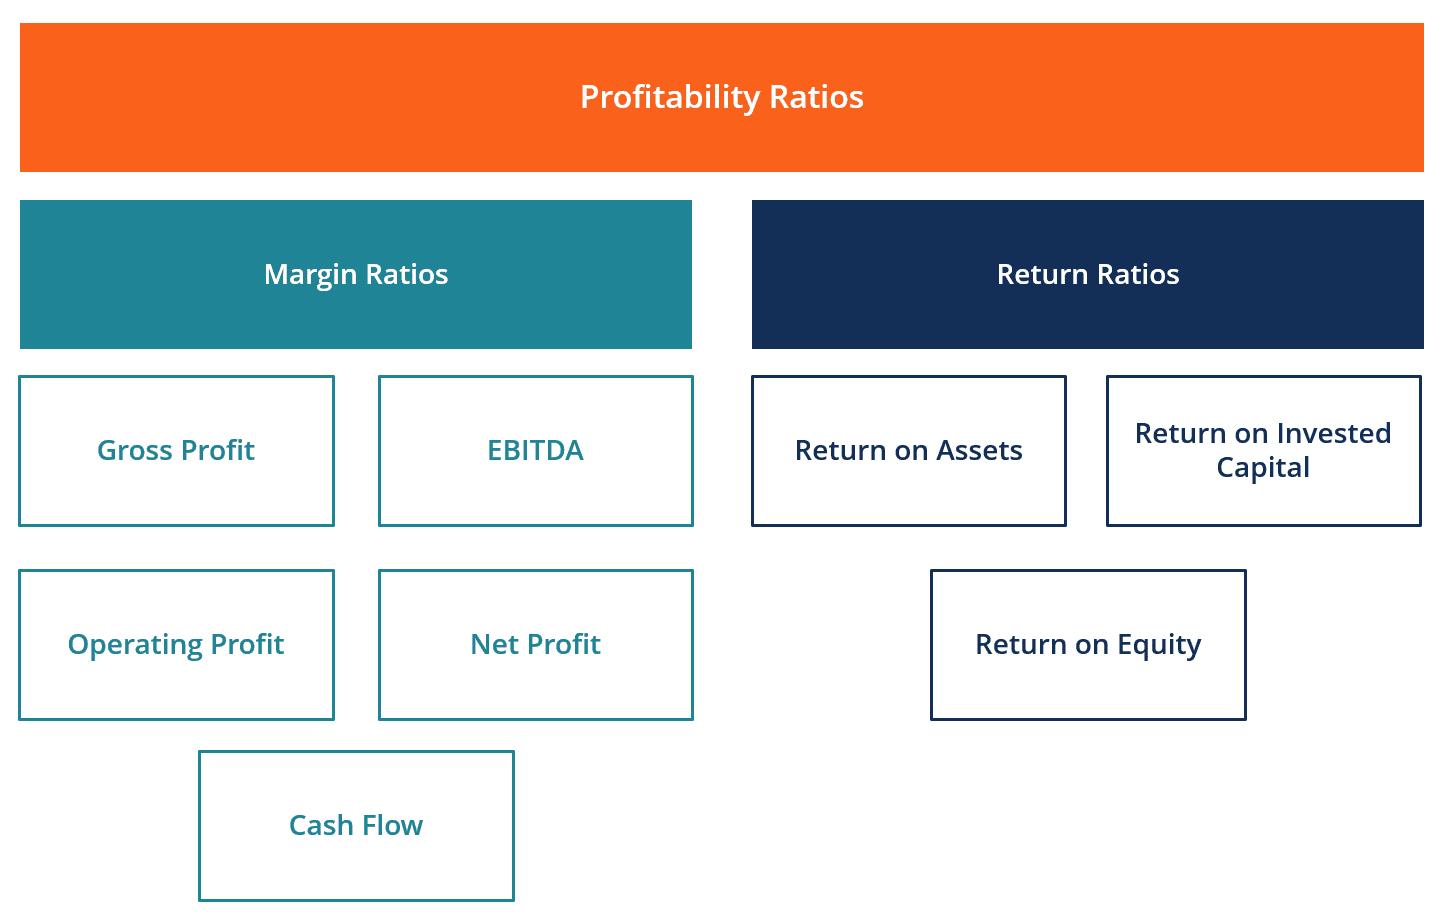 Comment évaluer la rentabilité d'une entreprise?